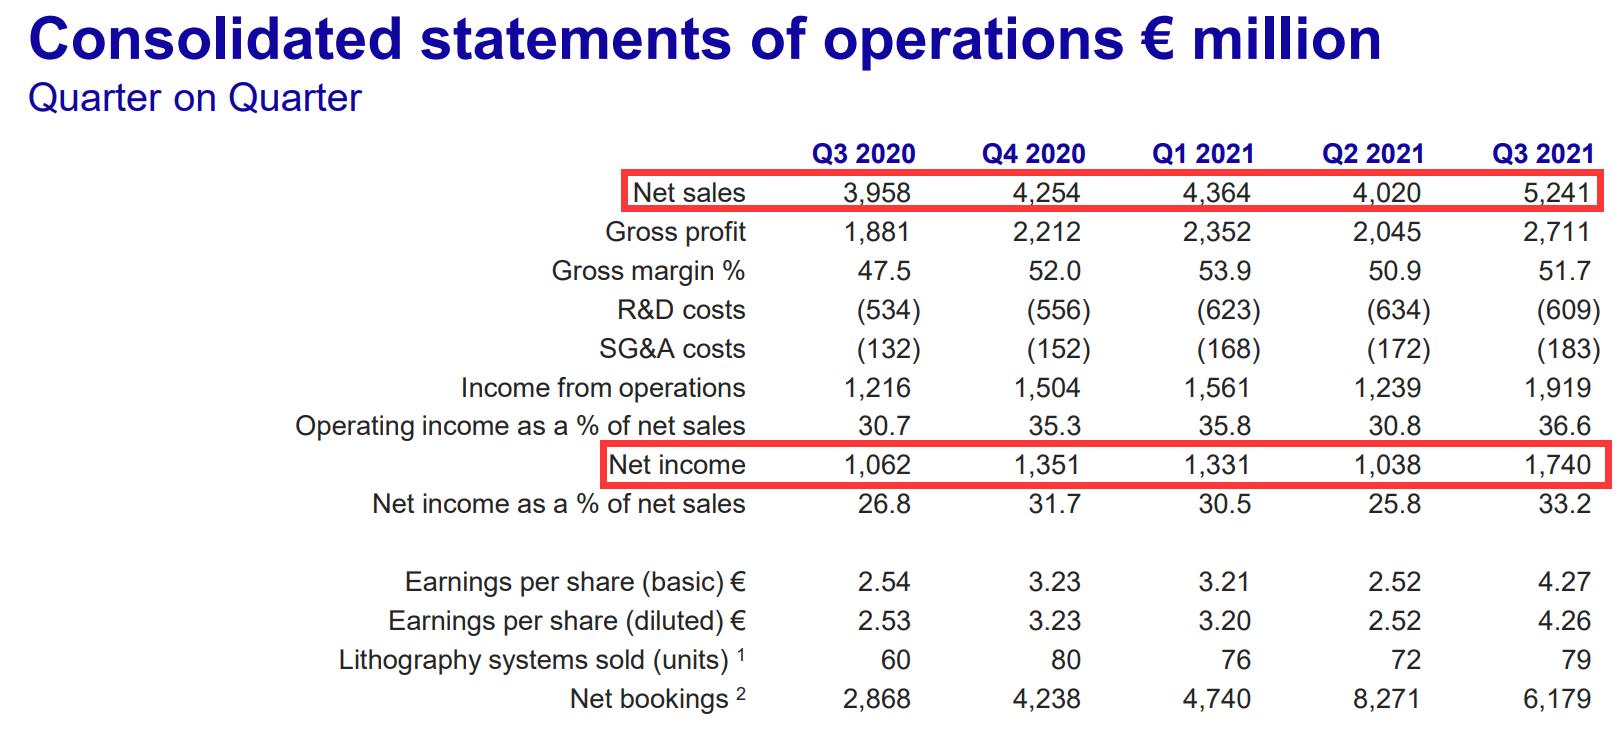 光刻机巨头阿斯麦遭遇供应链问题 Q4业绩或低于预期